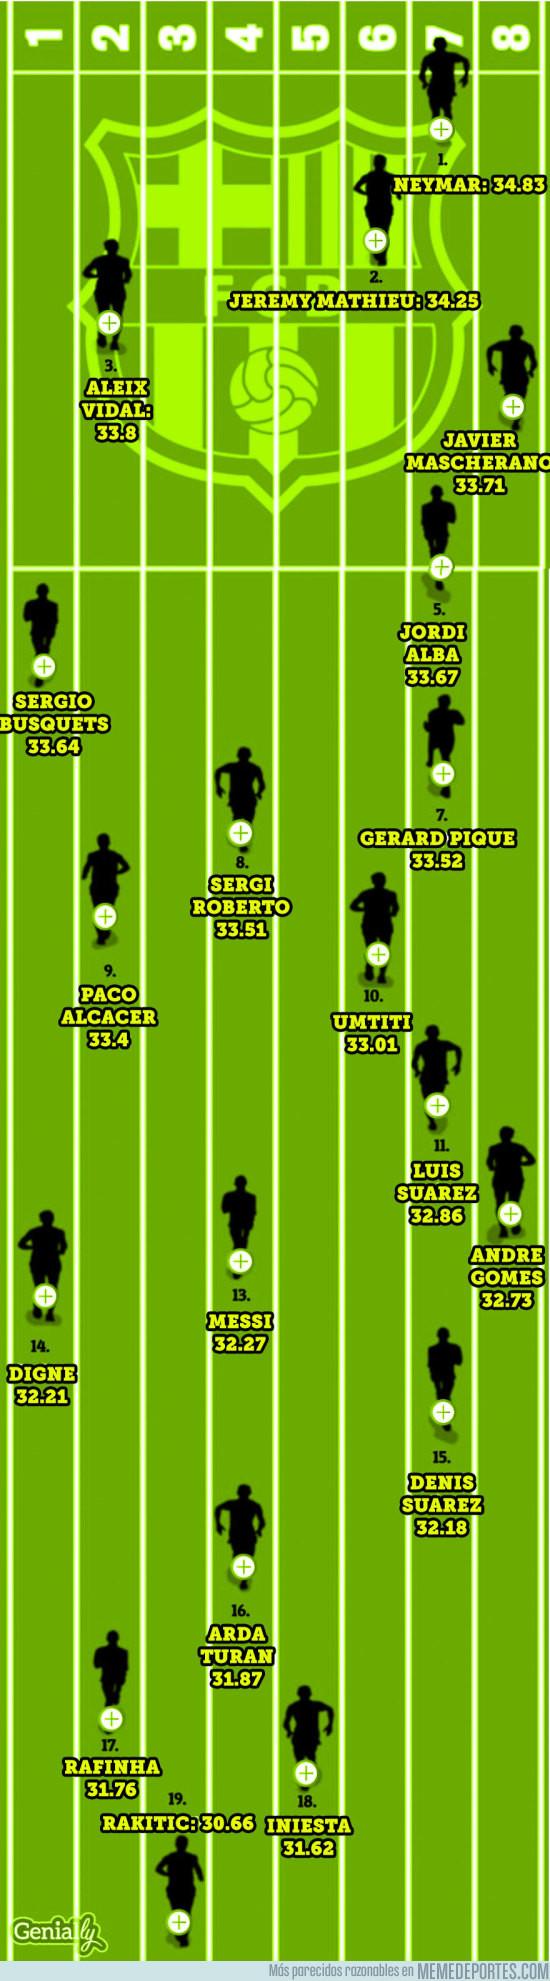 964810 - El ranking de velocidad punta de los jugadores del Barça está lleno de sorpresas